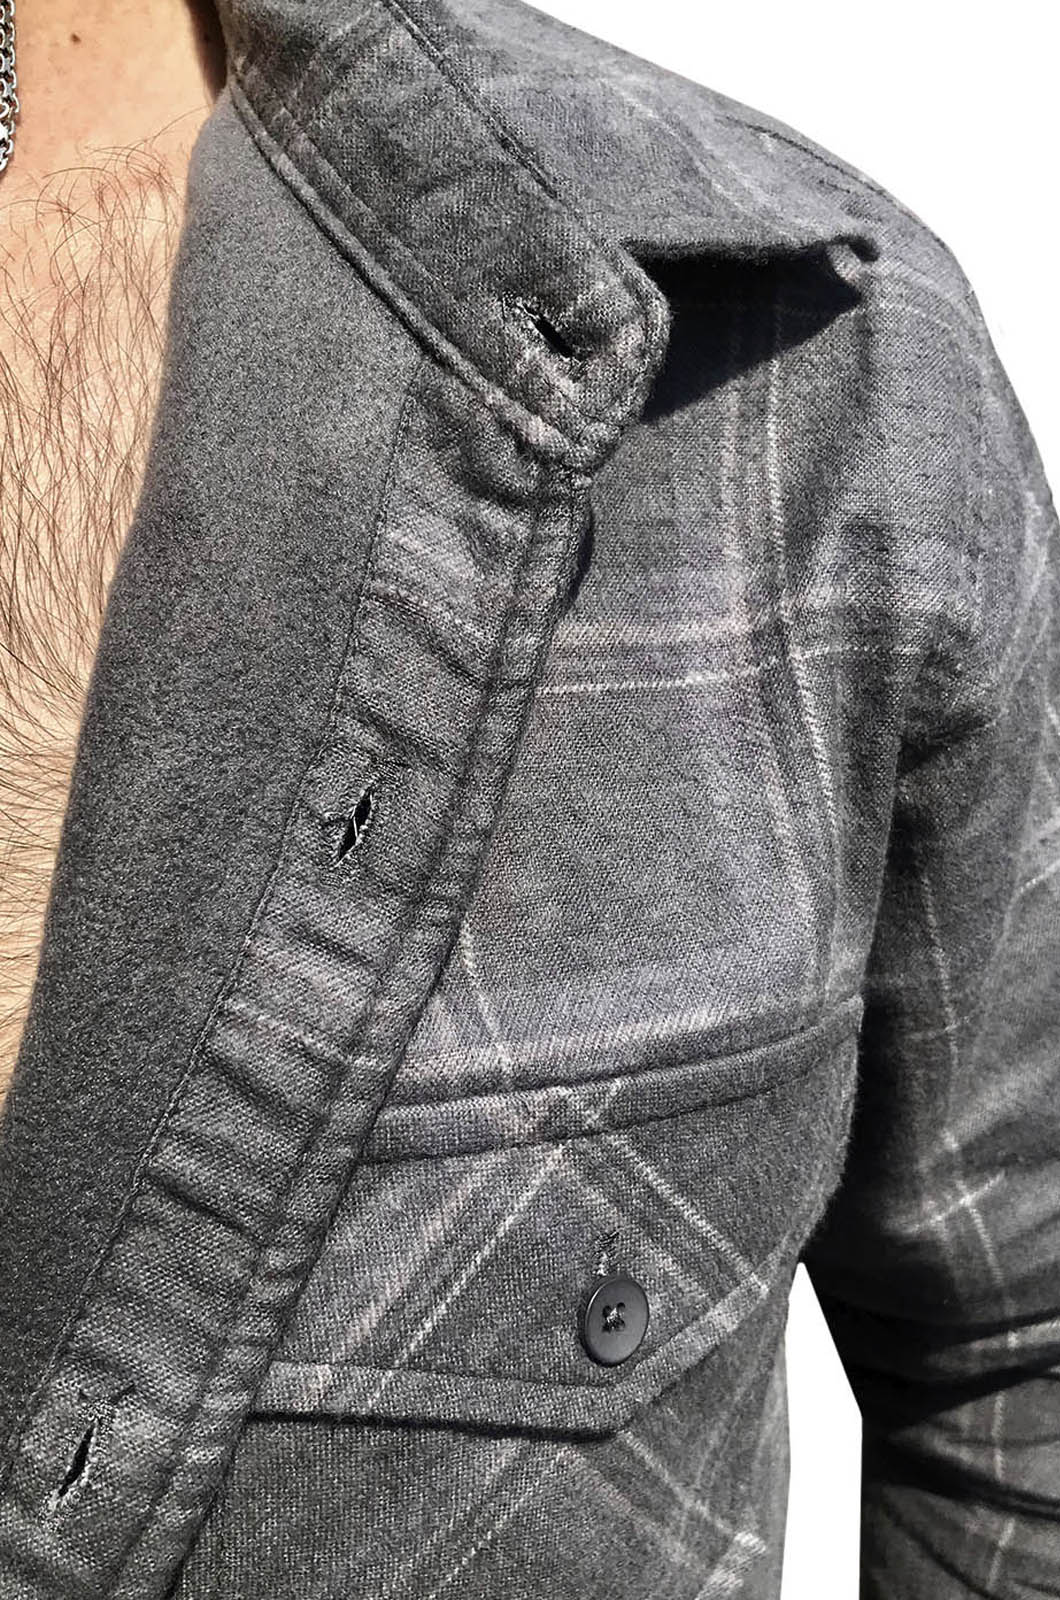 Мужская утепленная рубашка с вышитым шевроном ВДВ 116-й ОПДБ 31 гв. ОДШБр - заказать оптом